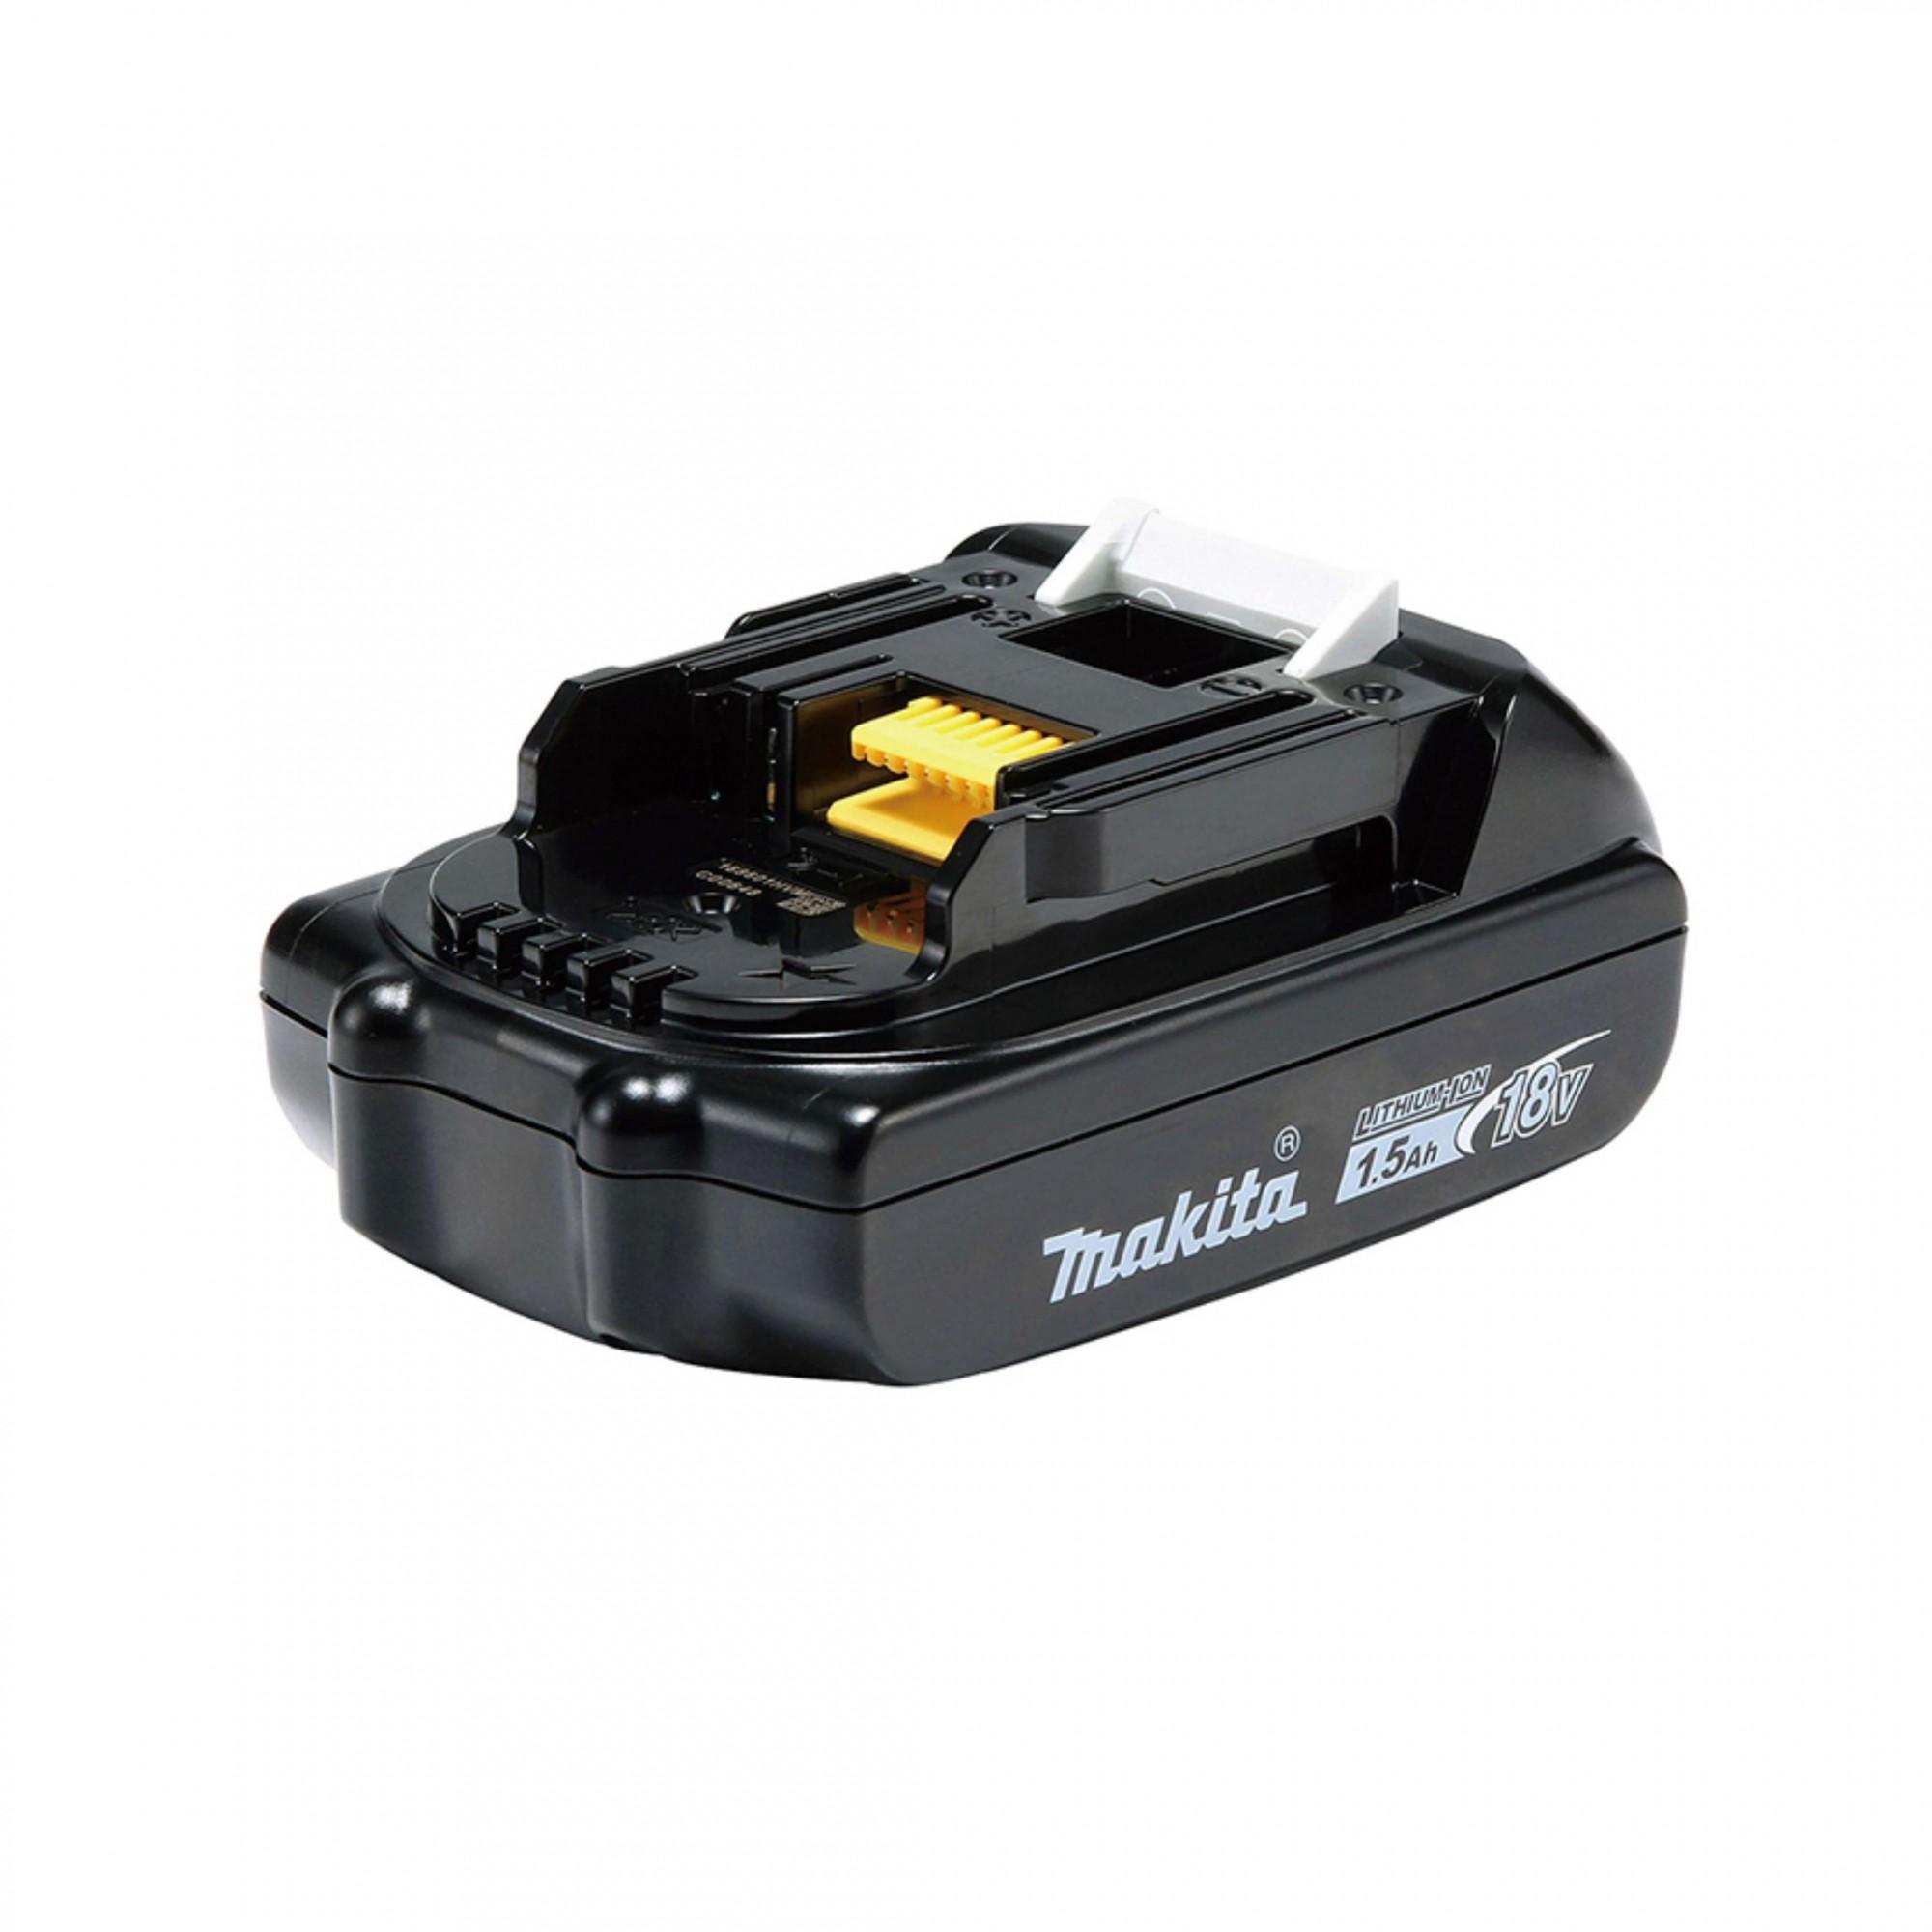 Parafusadeira e Furadeira de Impacto á Bateria DHP453X10-P Makita